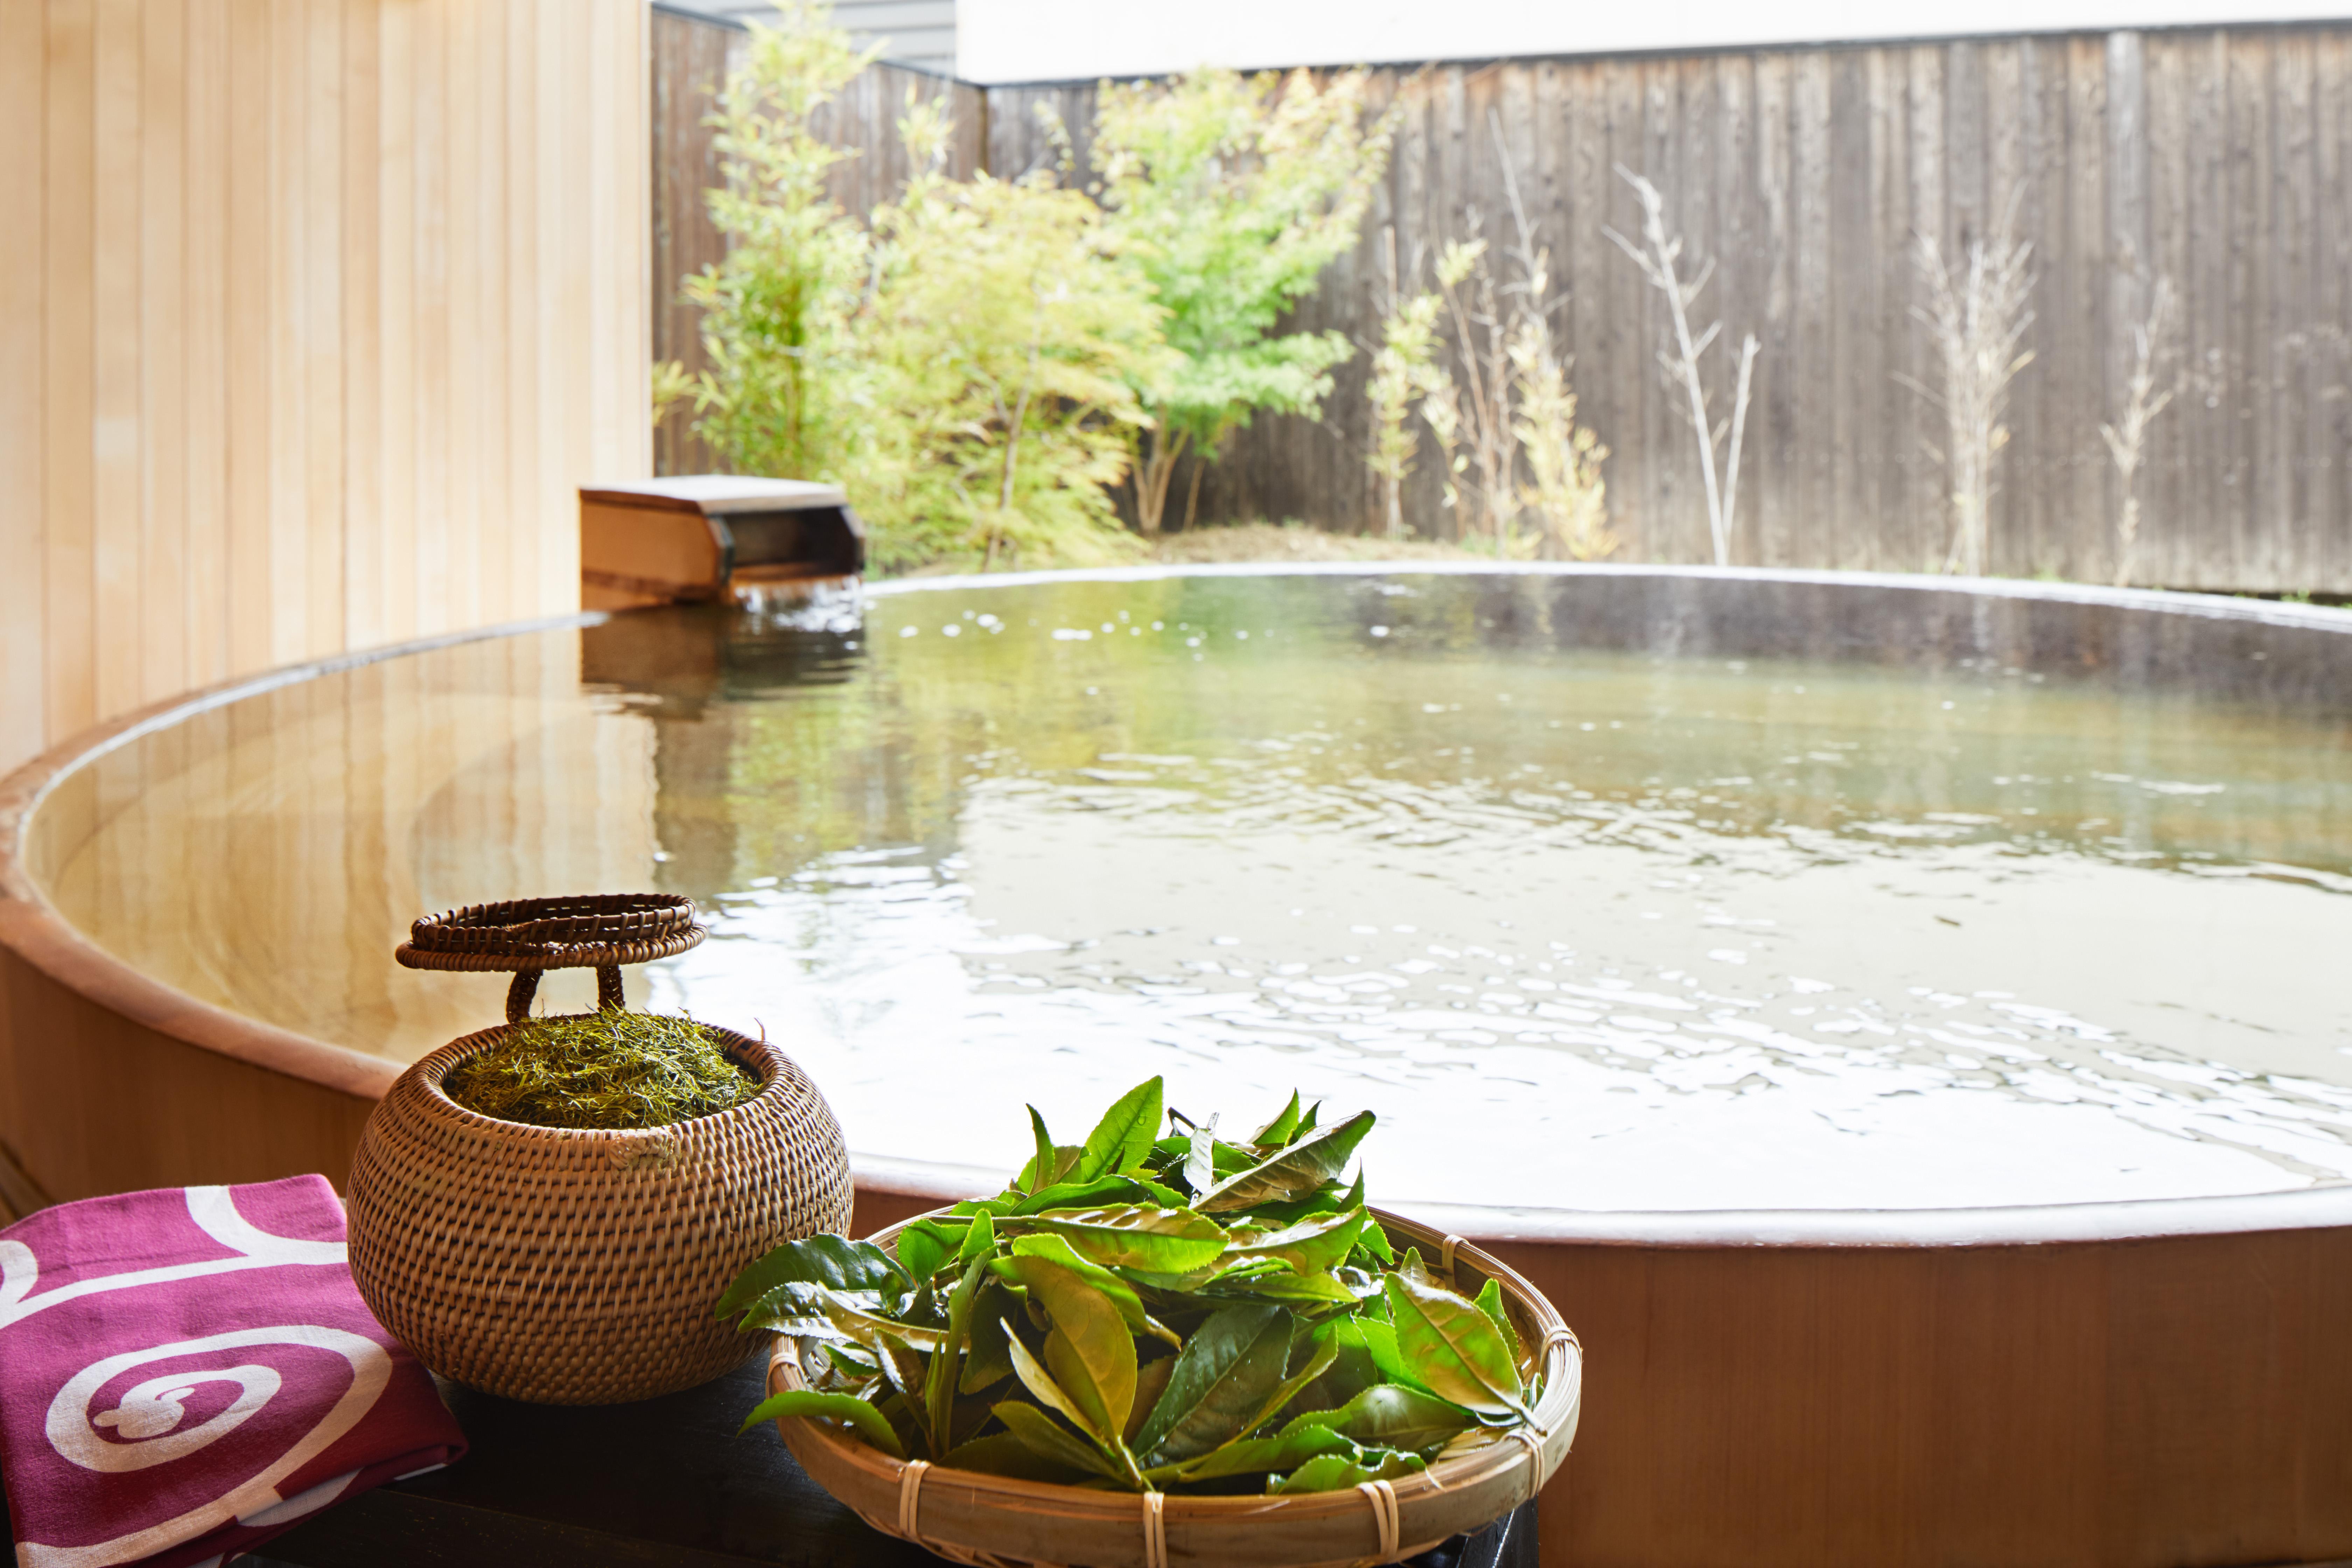 無農薬茶葉を籠にぎっしり詰め込んで露天風呂に浮かべた「お茶玉美肌入浴」